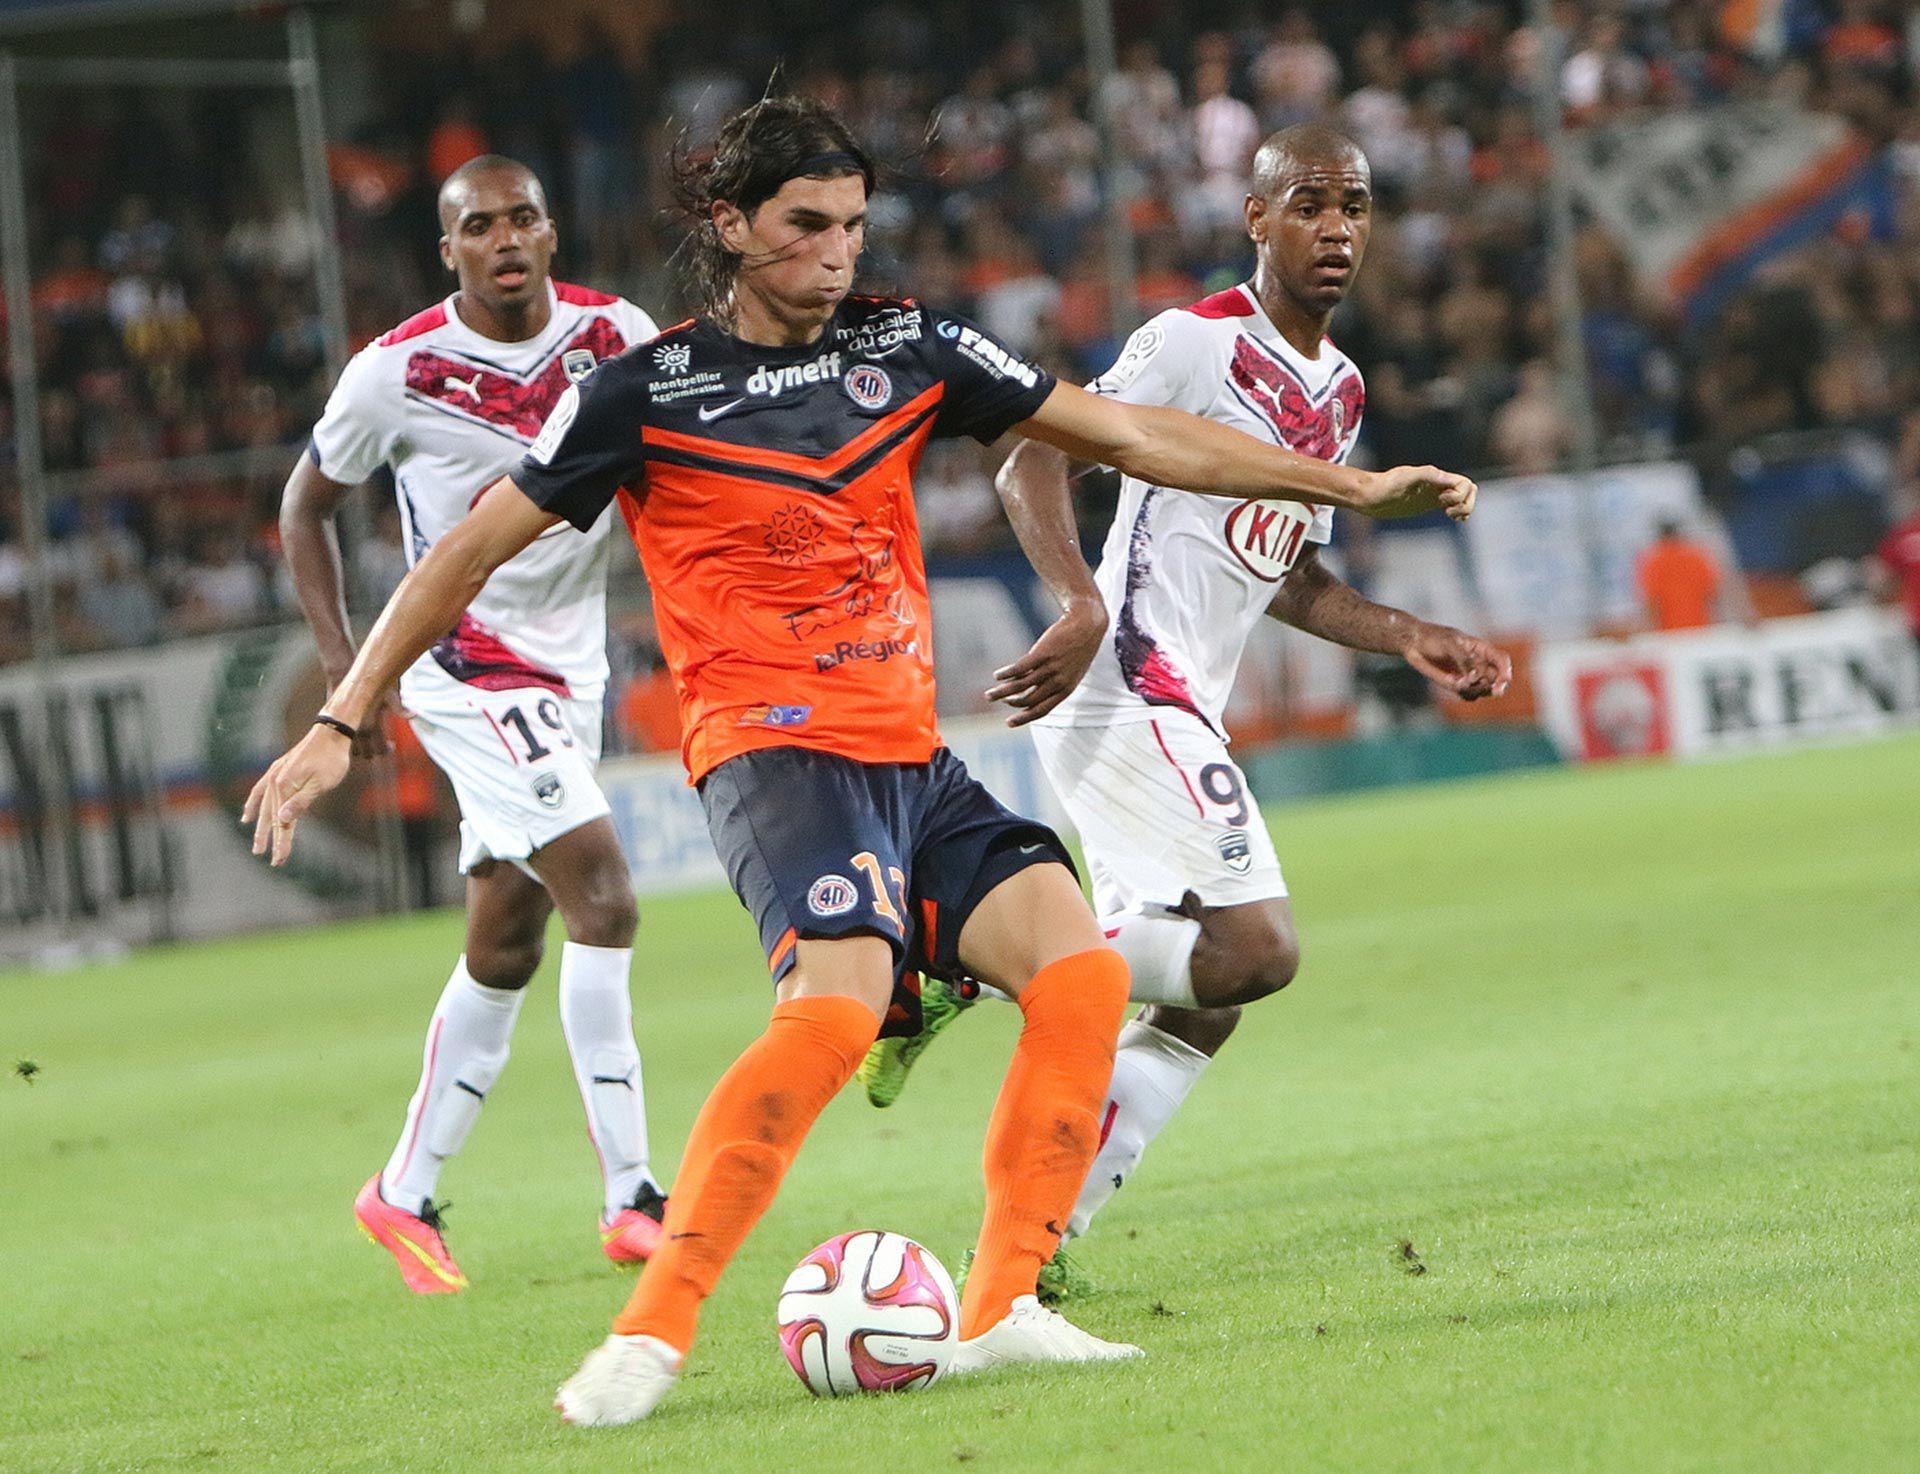 Dylan Gissi en Montpellier